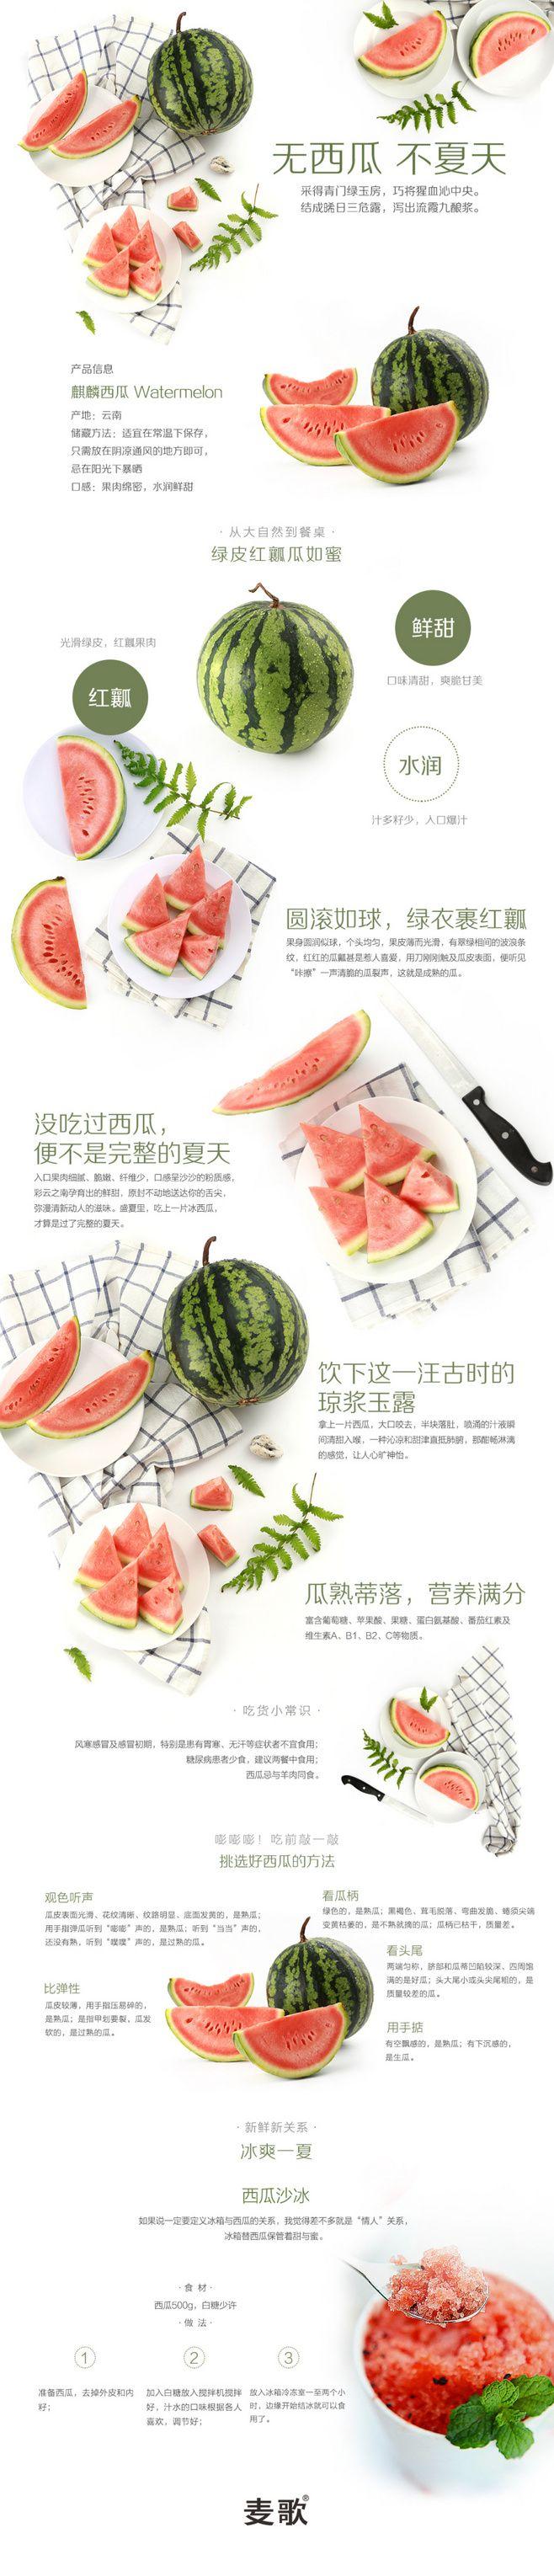 原创作品:生鲜电商 水果类详情页 - 麒...